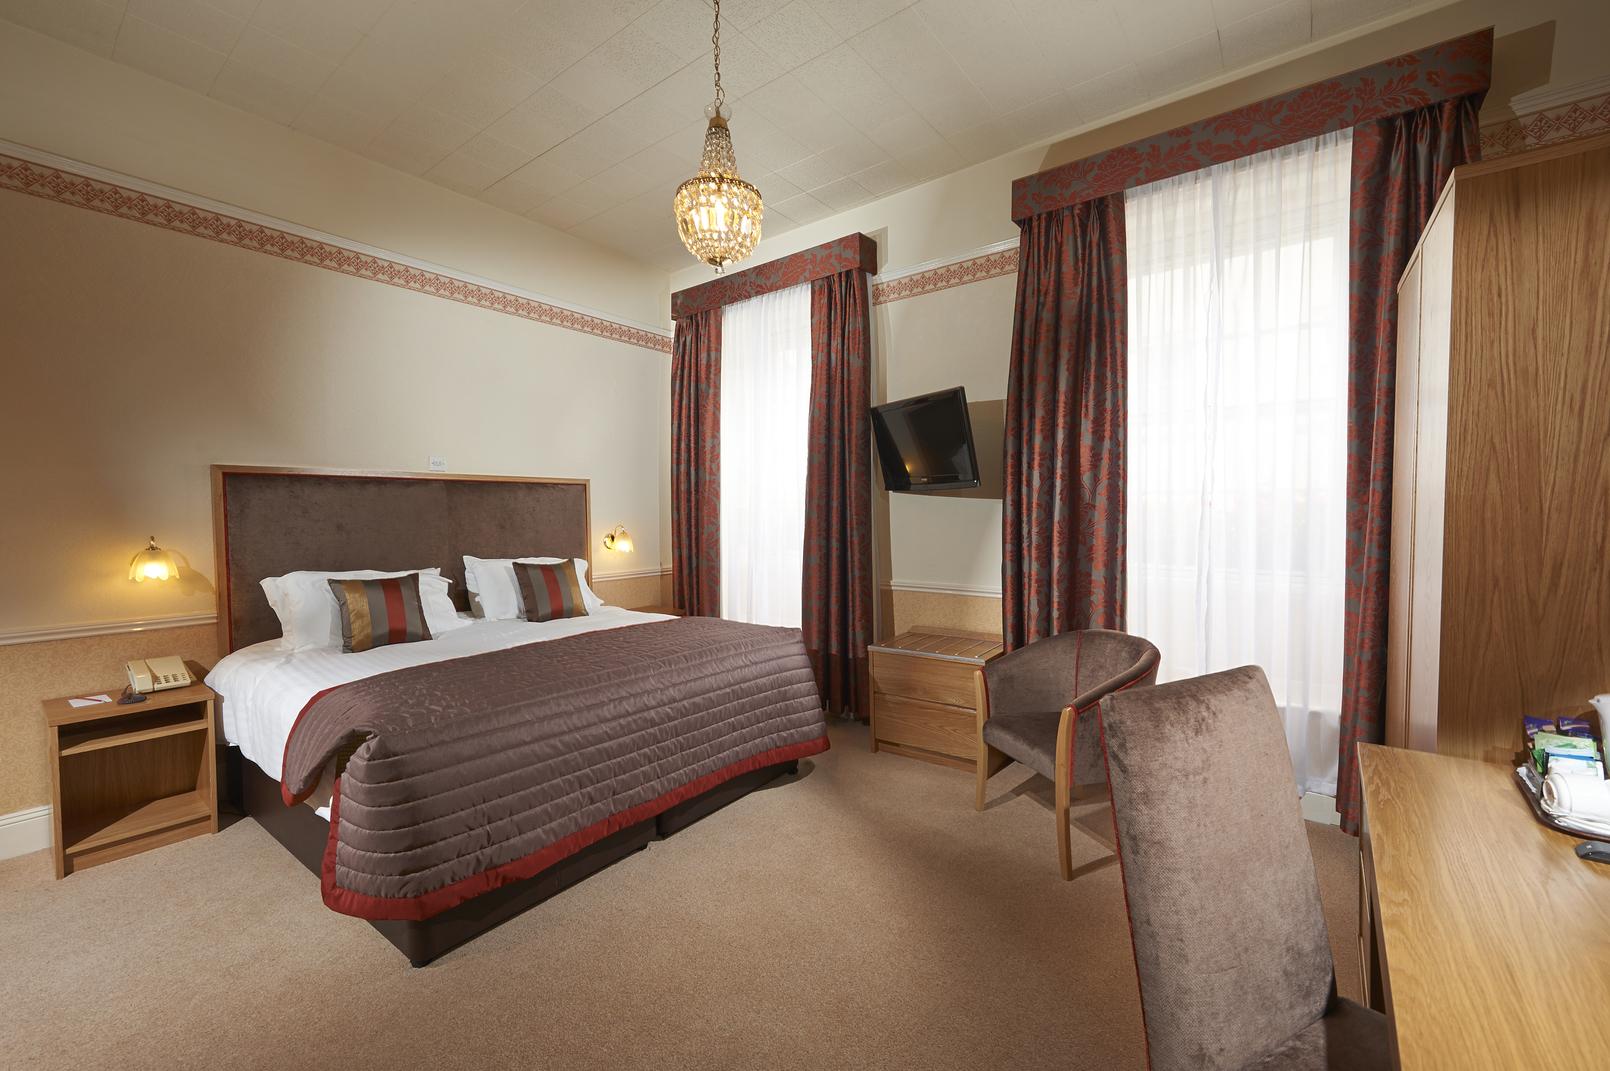 Best Western Hotel Guernsey